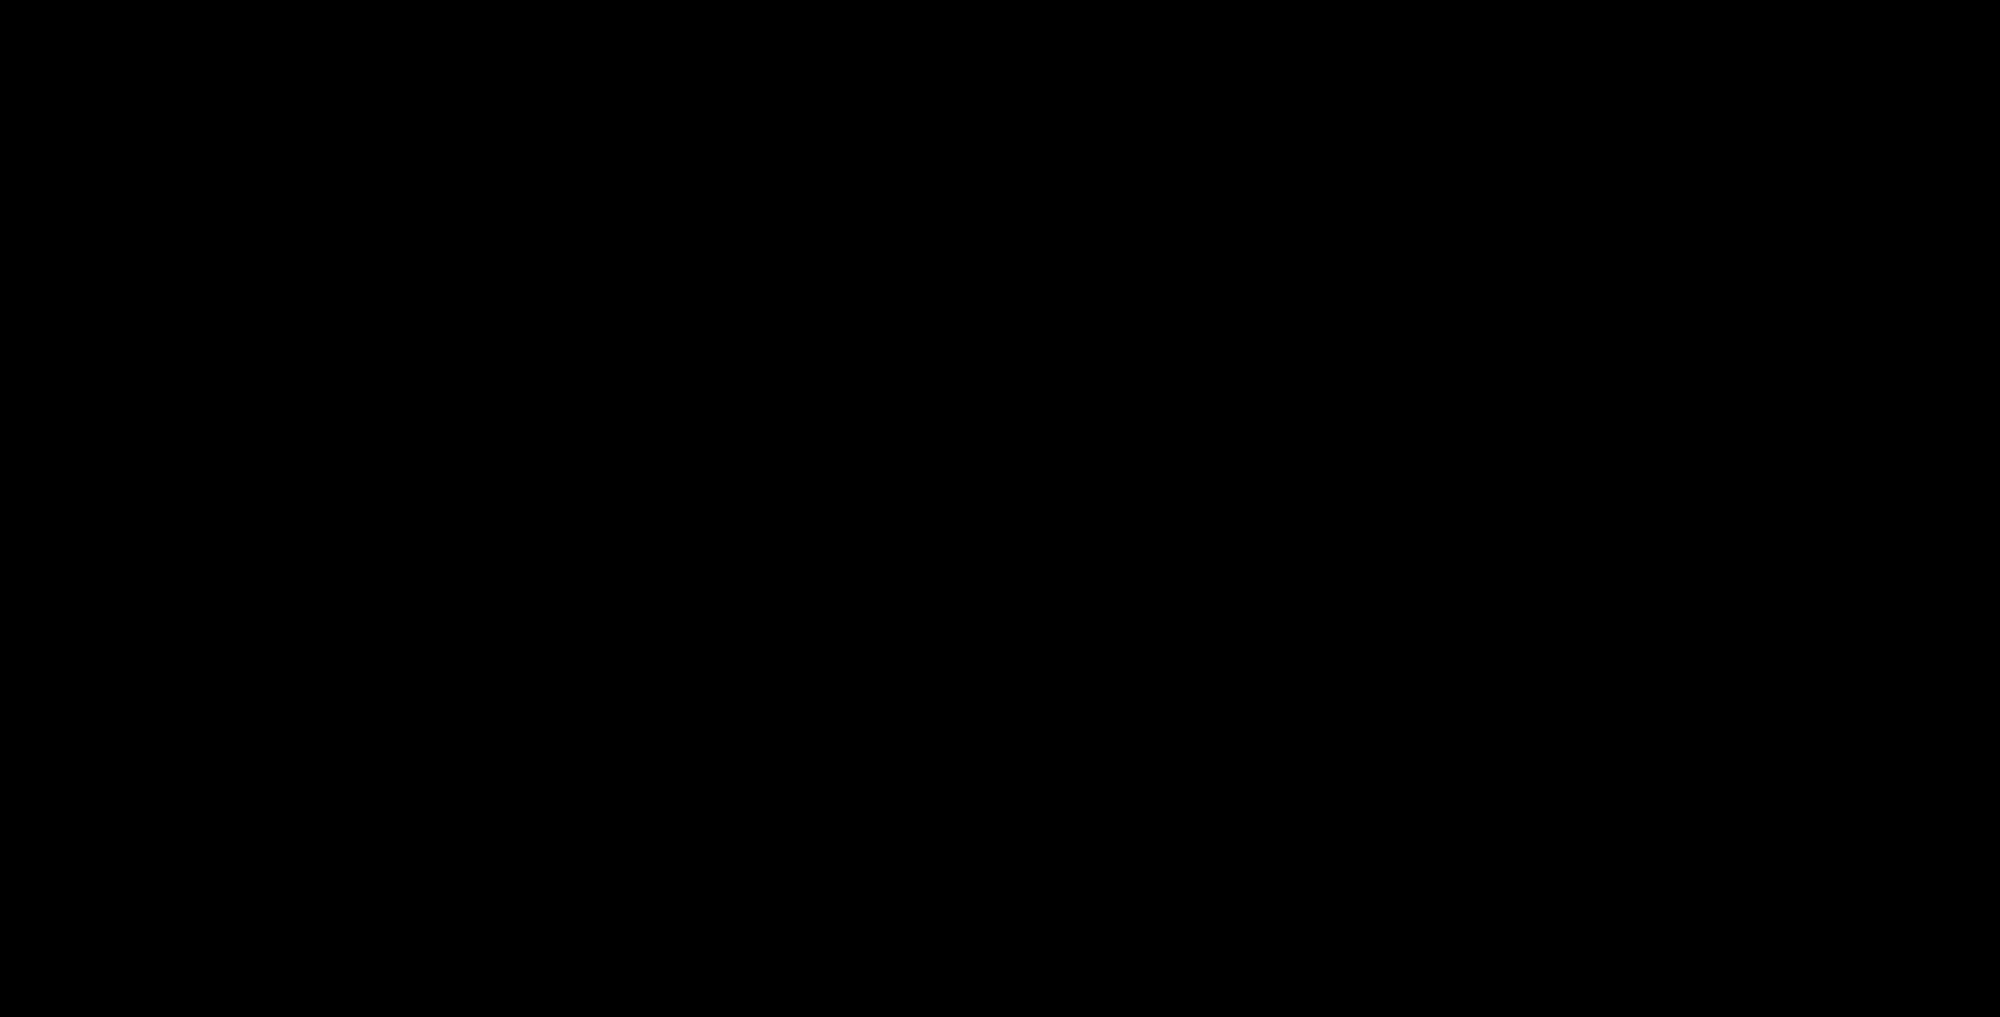 2000x1017 Filecrown Silhouette.svg